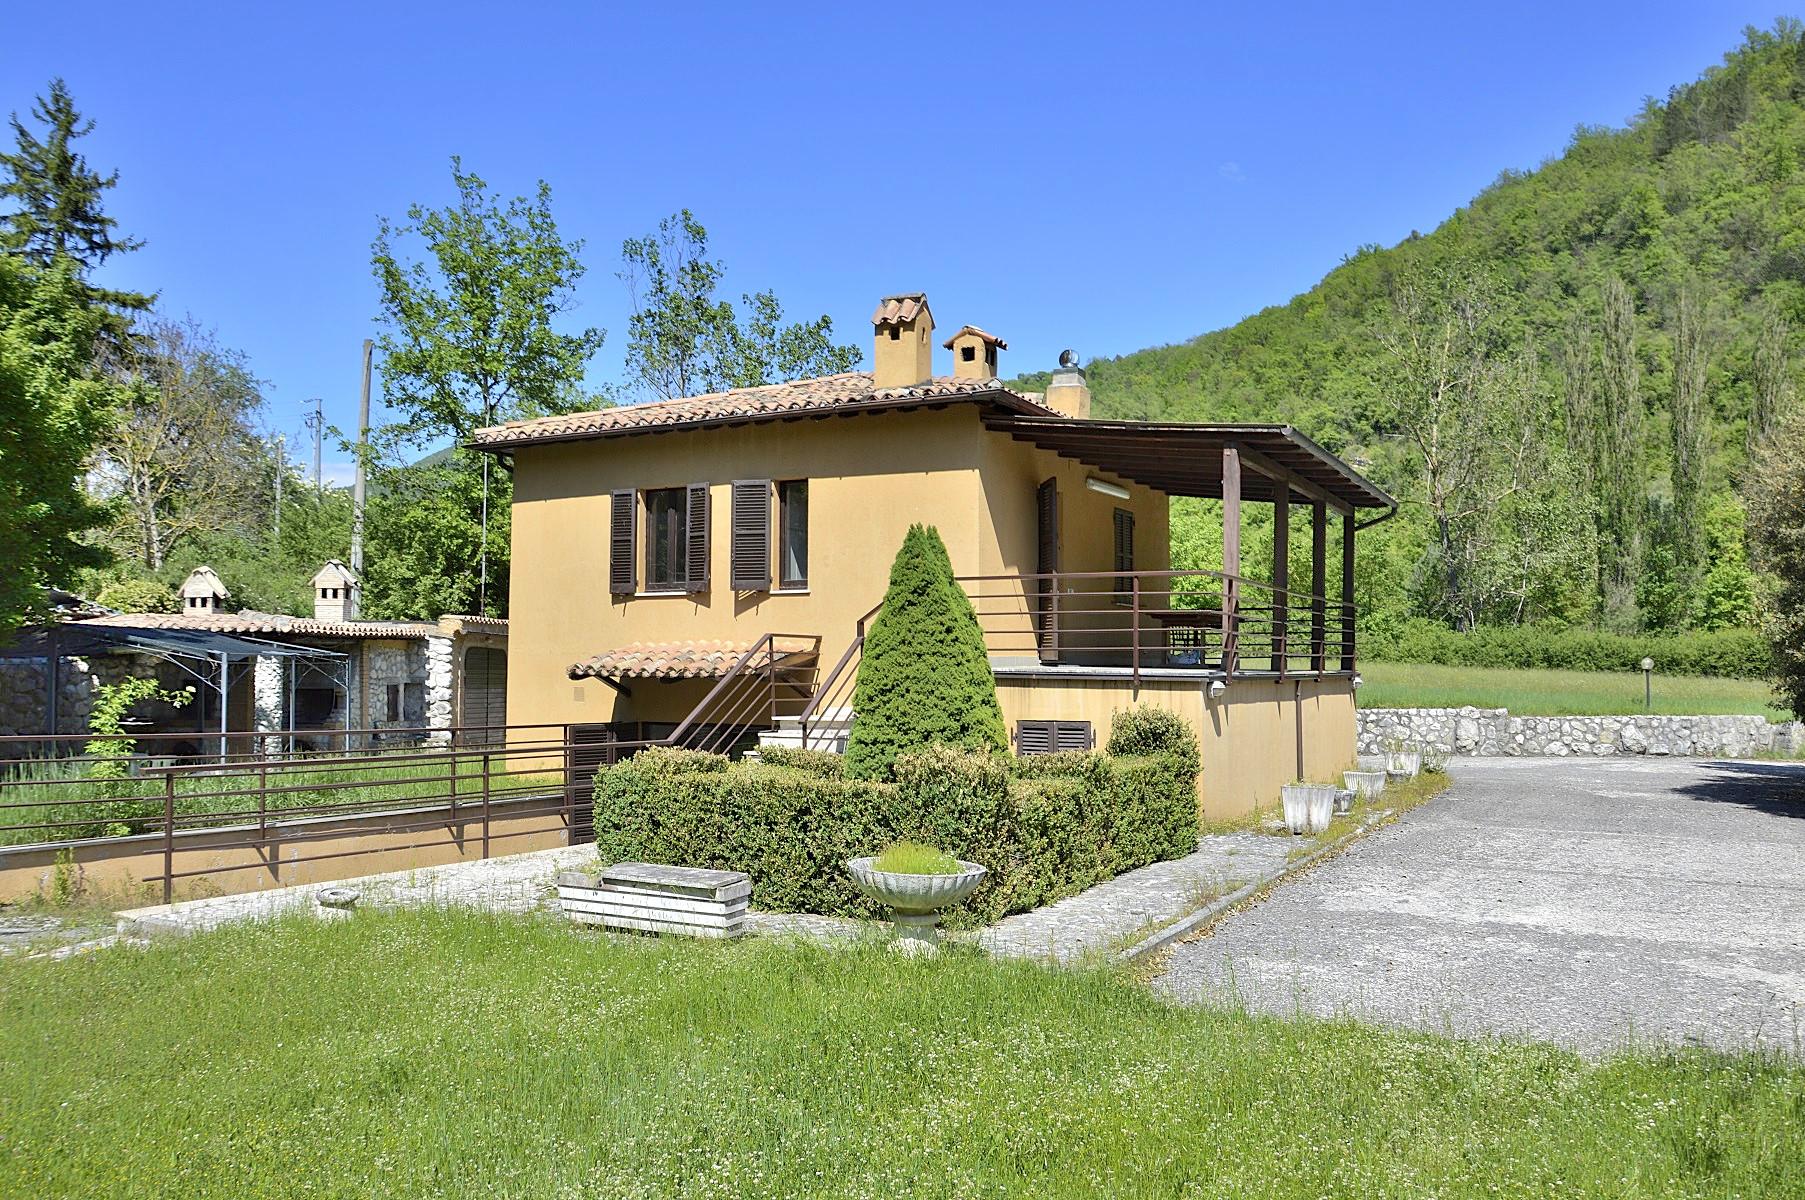 Villa in vendita a Cerreto di Spoleto, 5 locali, zona Località: BorgoCerreto, prezzo € 115.000 | CambioCasa.it